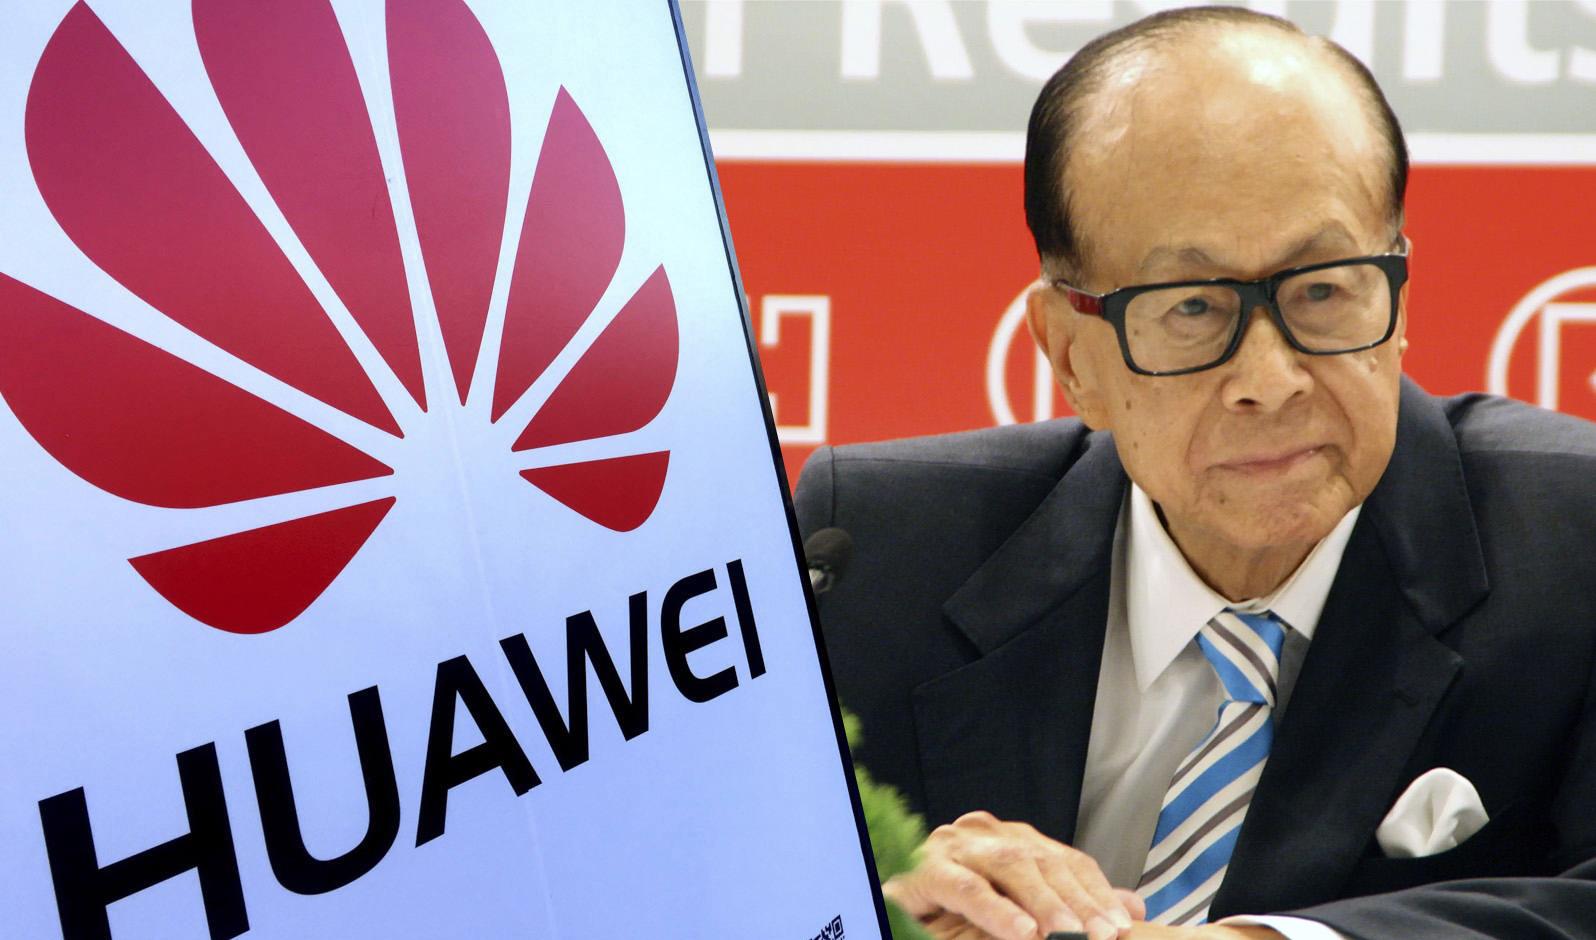 Sự việc Huawei tại Anh, lộ diện nhân vật bí ẩn Lý Gia Thành.1